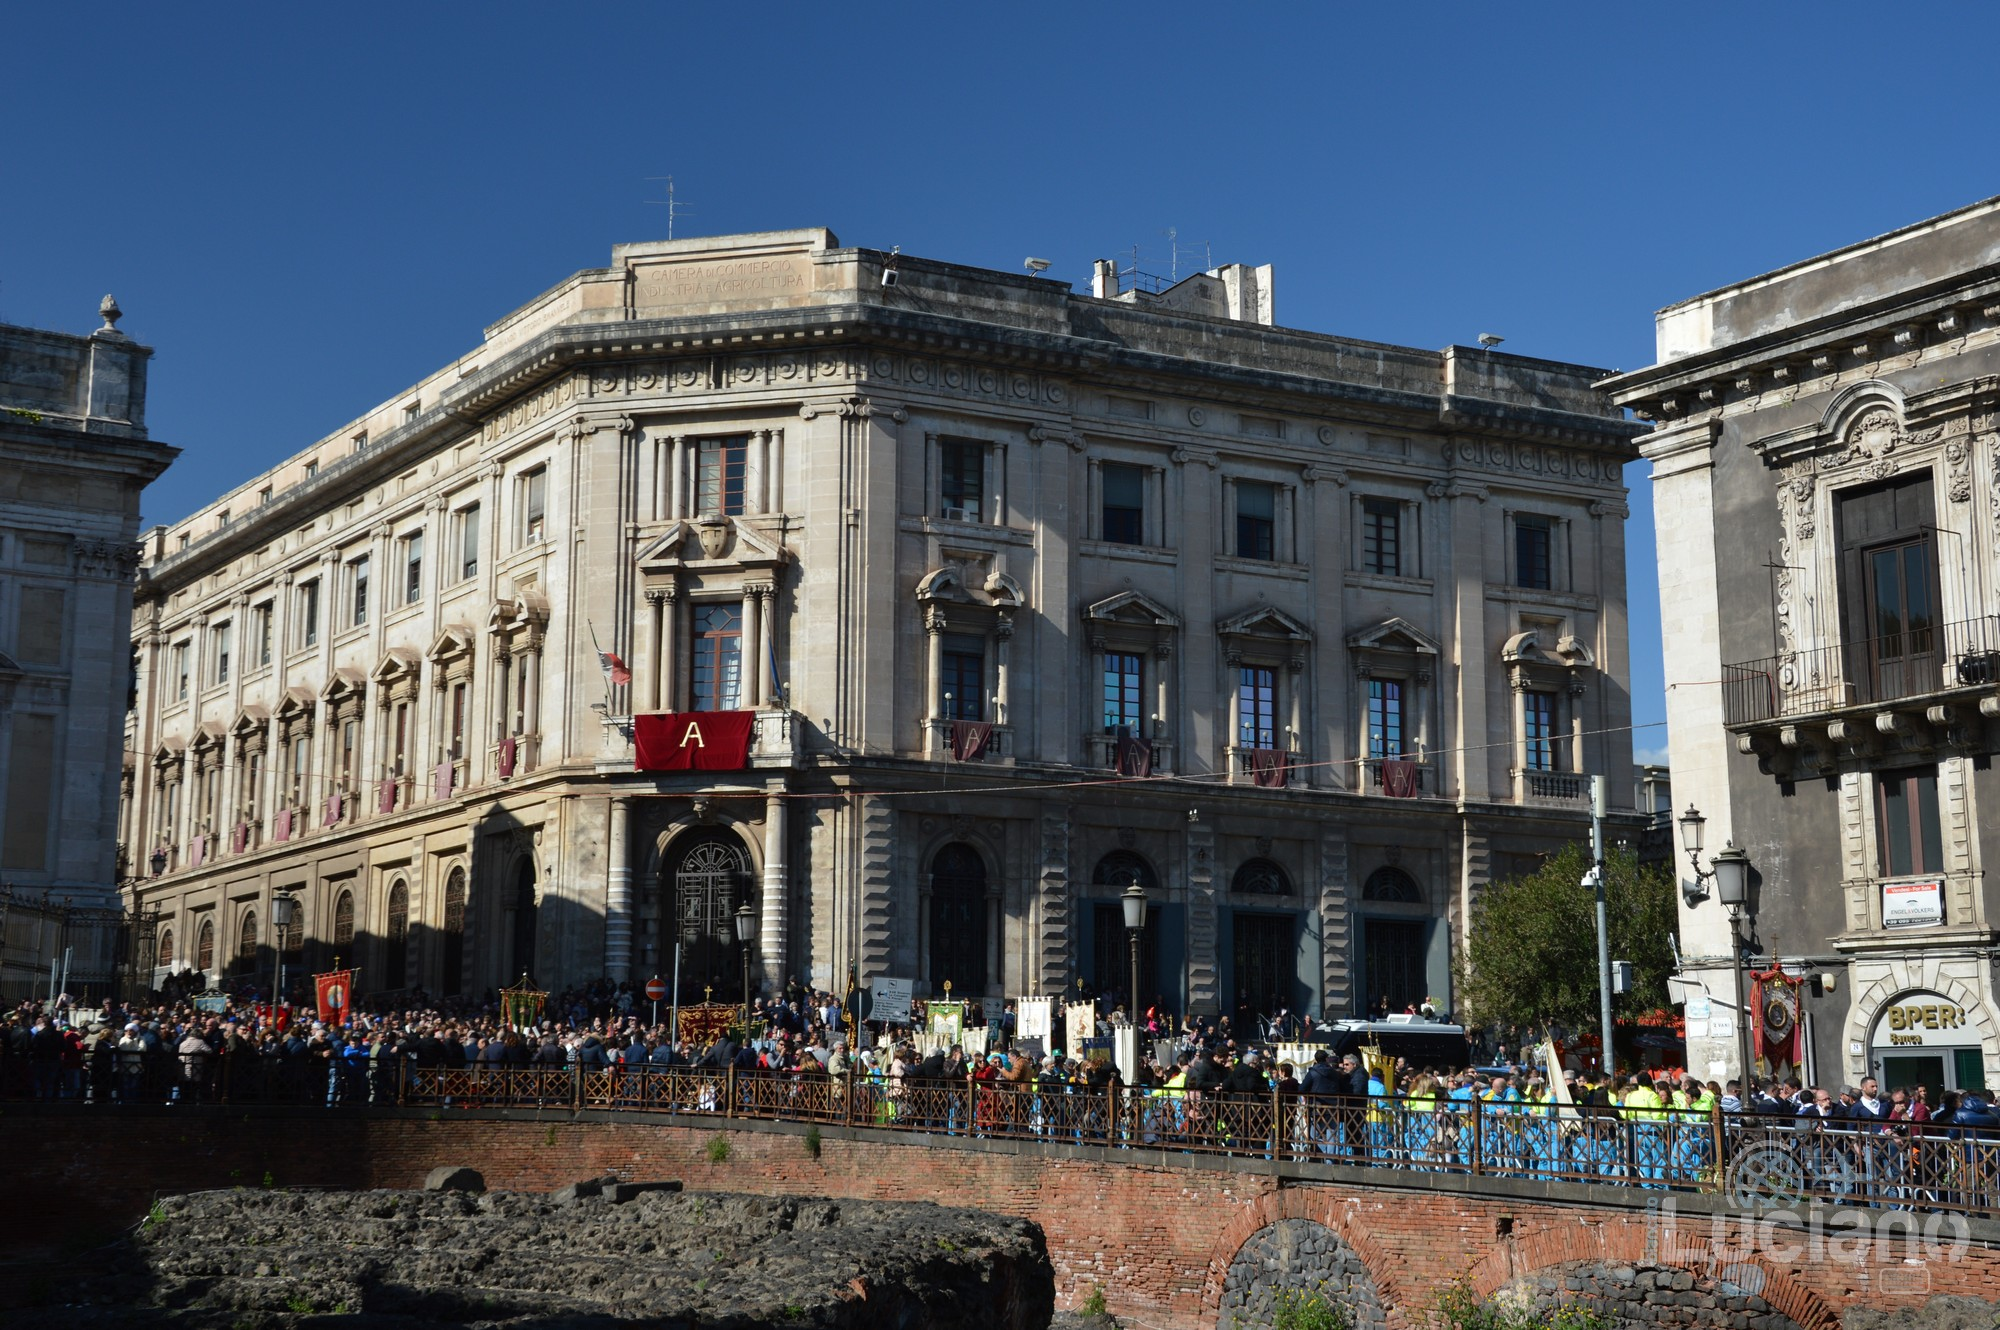 Camera Di Commercio Industria Artig.E Agric.Di Catania. In giro per catania, durante i festeggiamenti per Sant'Agata 2019 - Catania (CT)